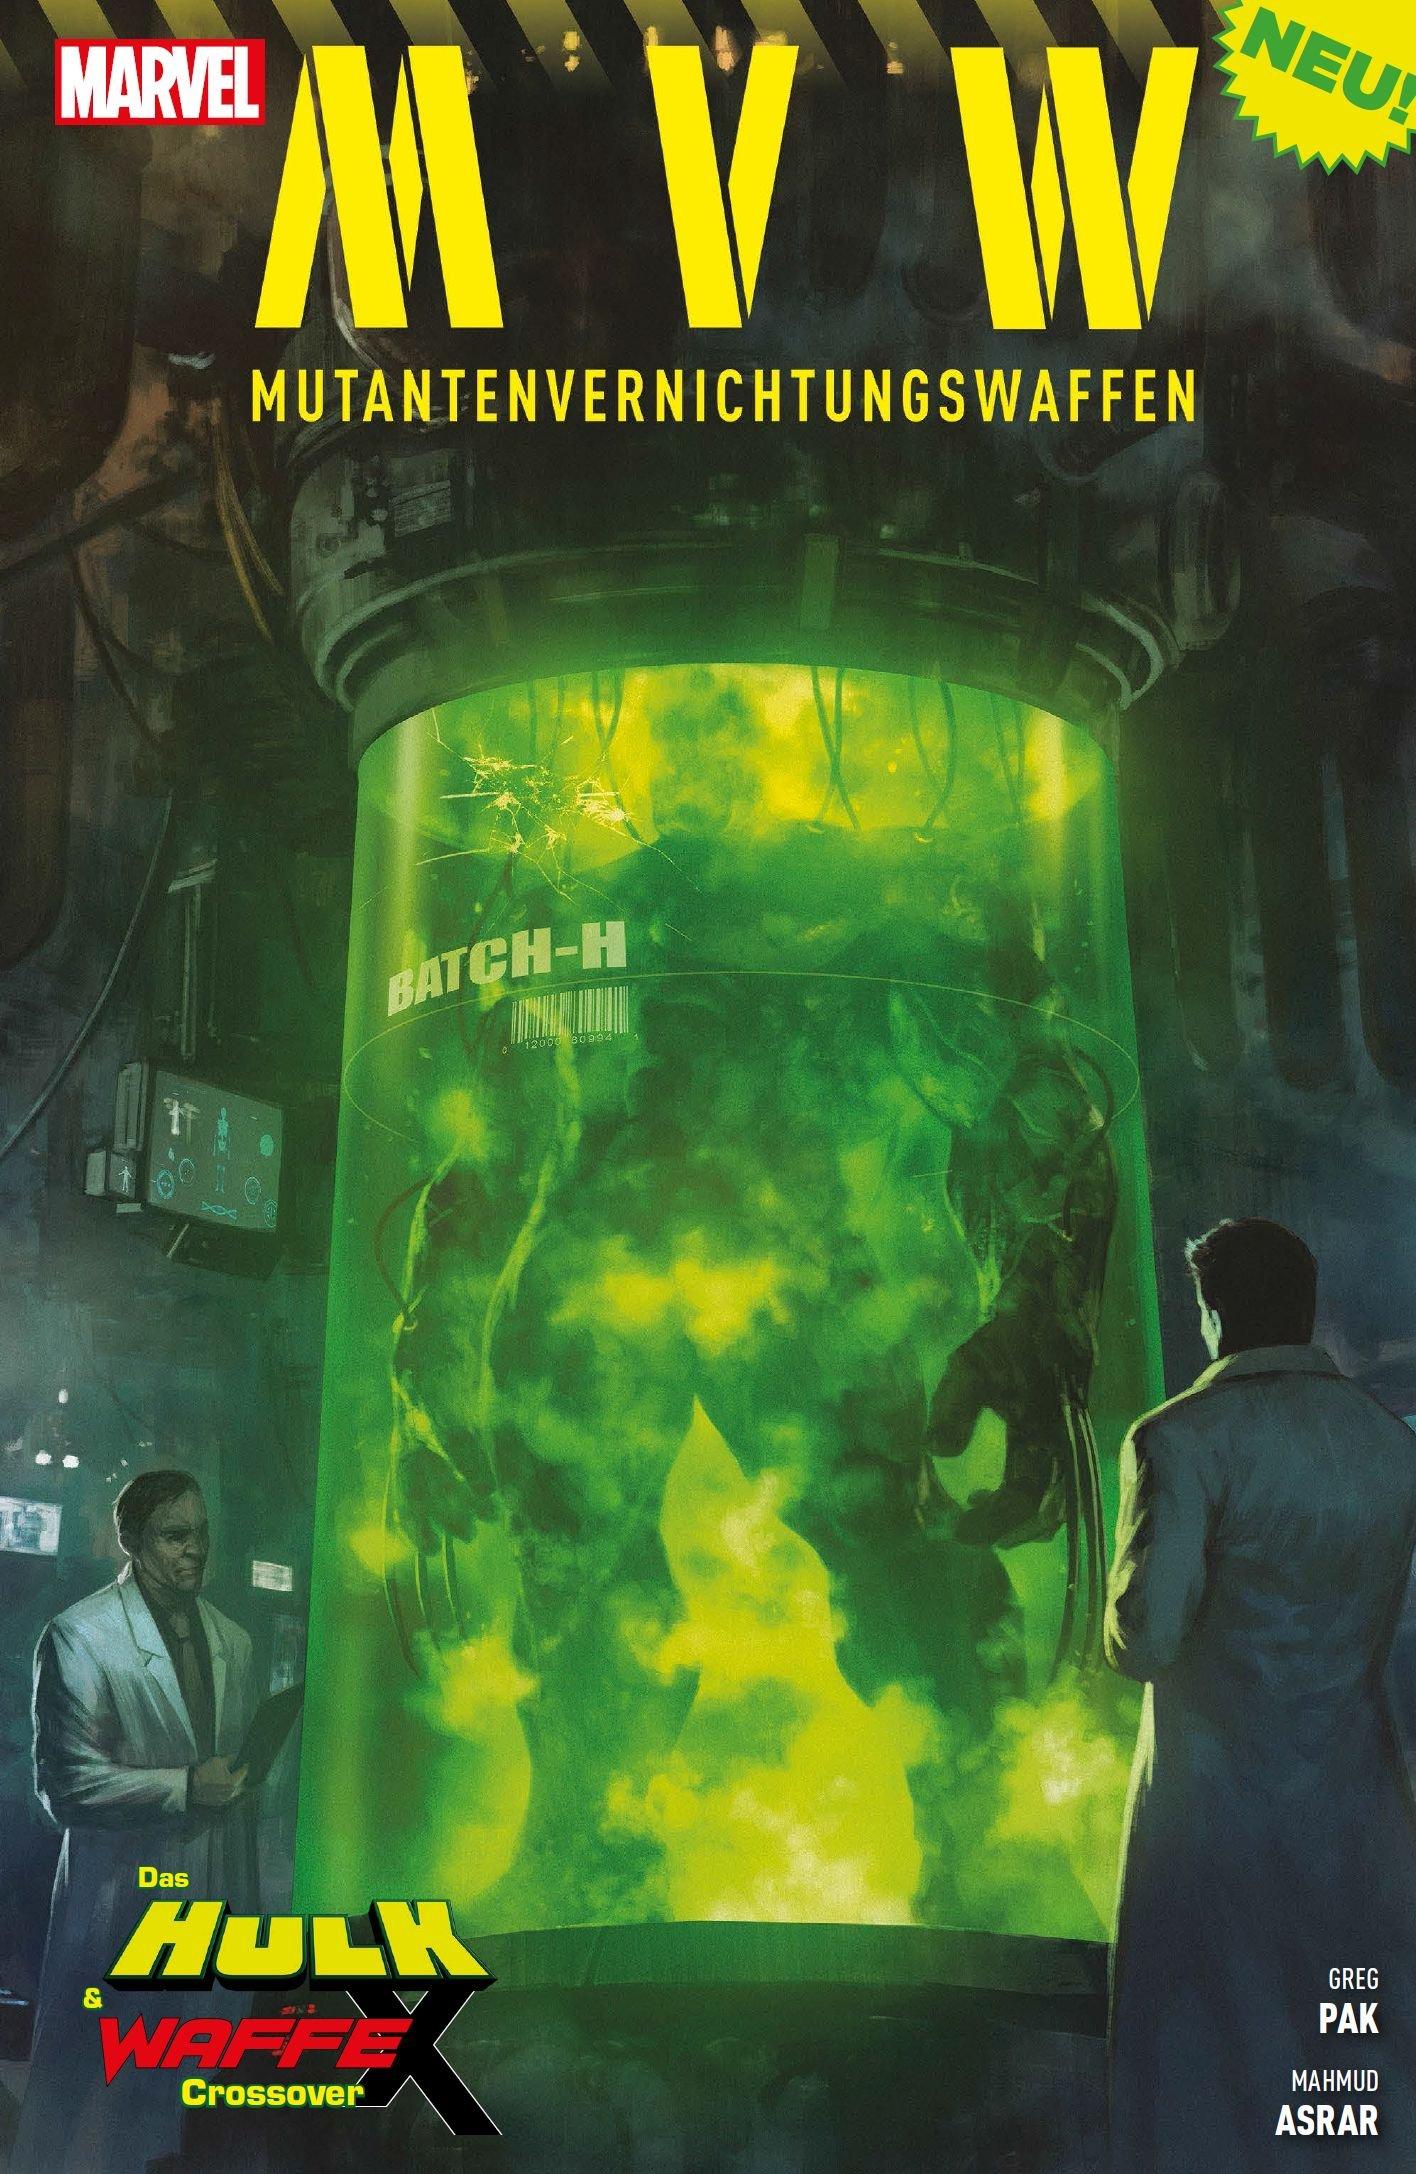 MVW - Mutantenvernichtungswaffen: Das Hulk & Waffe X Crossover